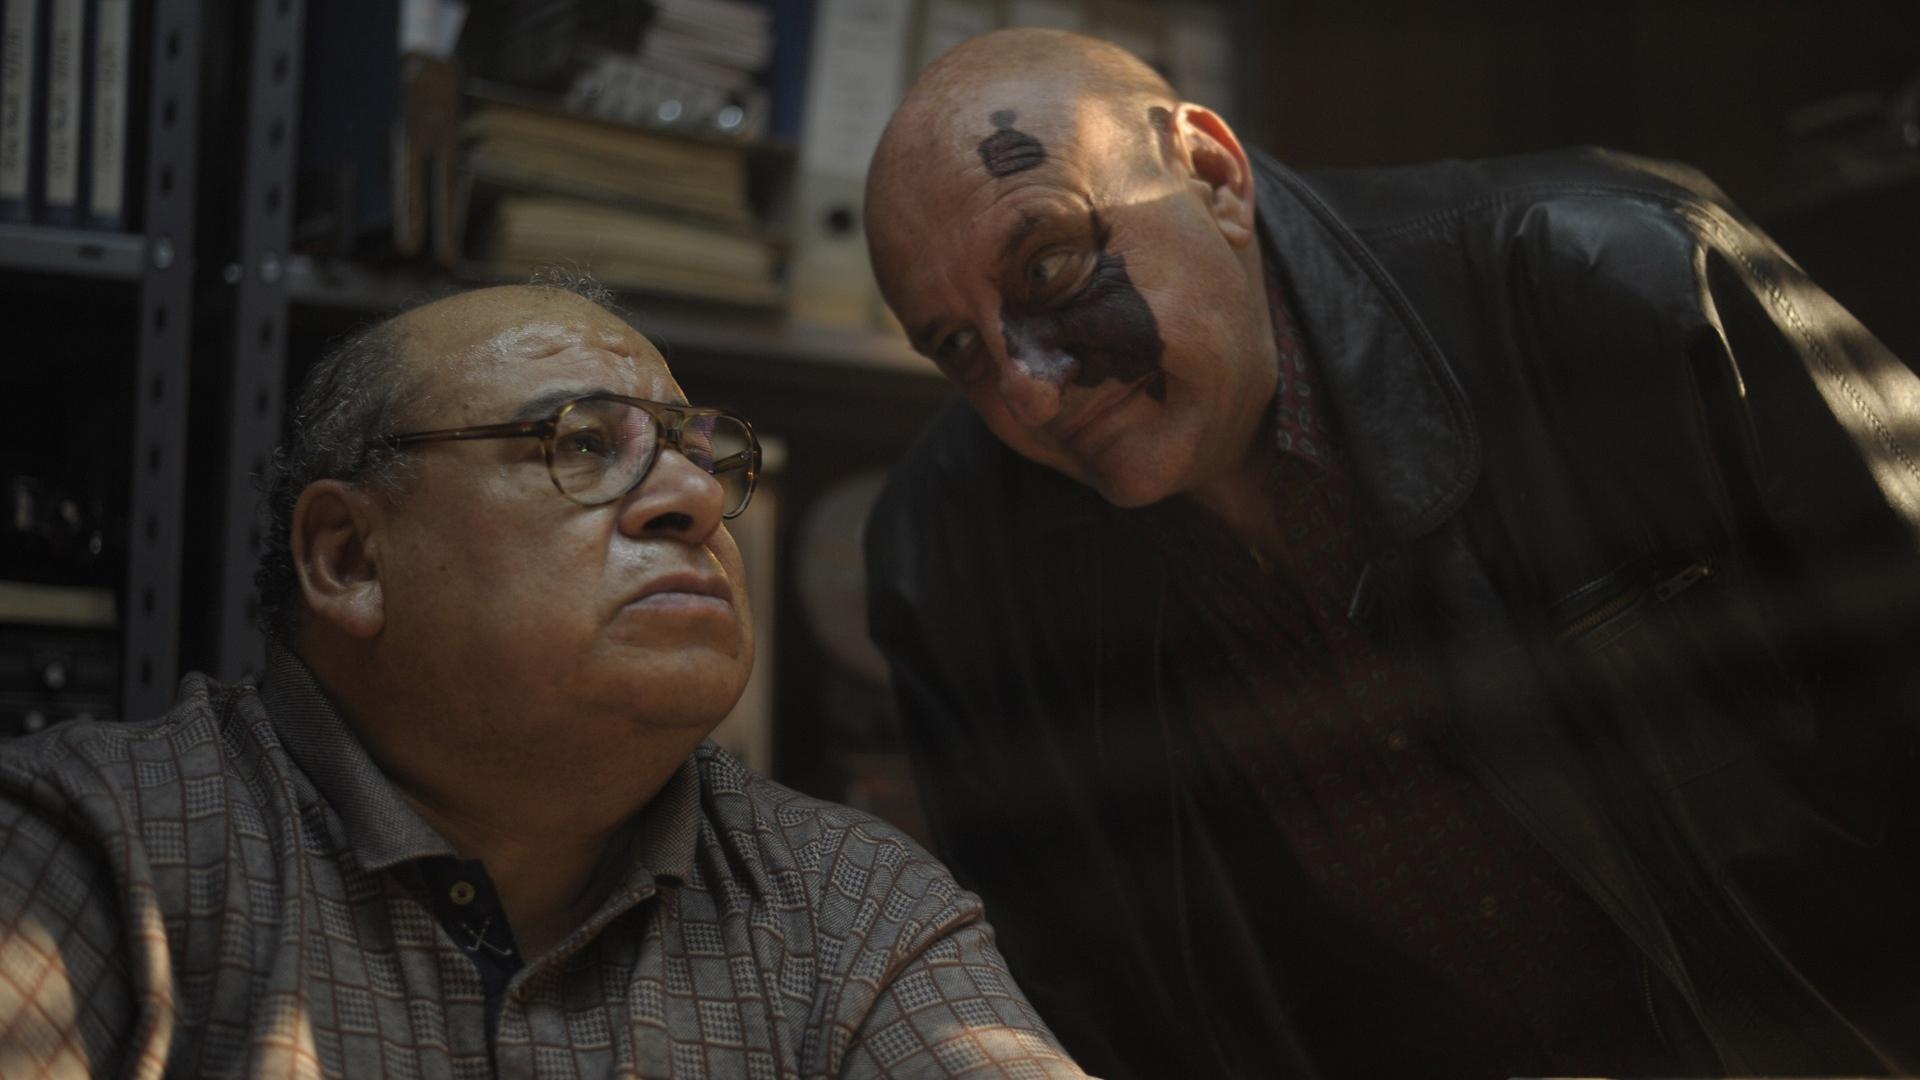 Así es Entre Hombres, la nueva serie de drama y crimen de HBO Max